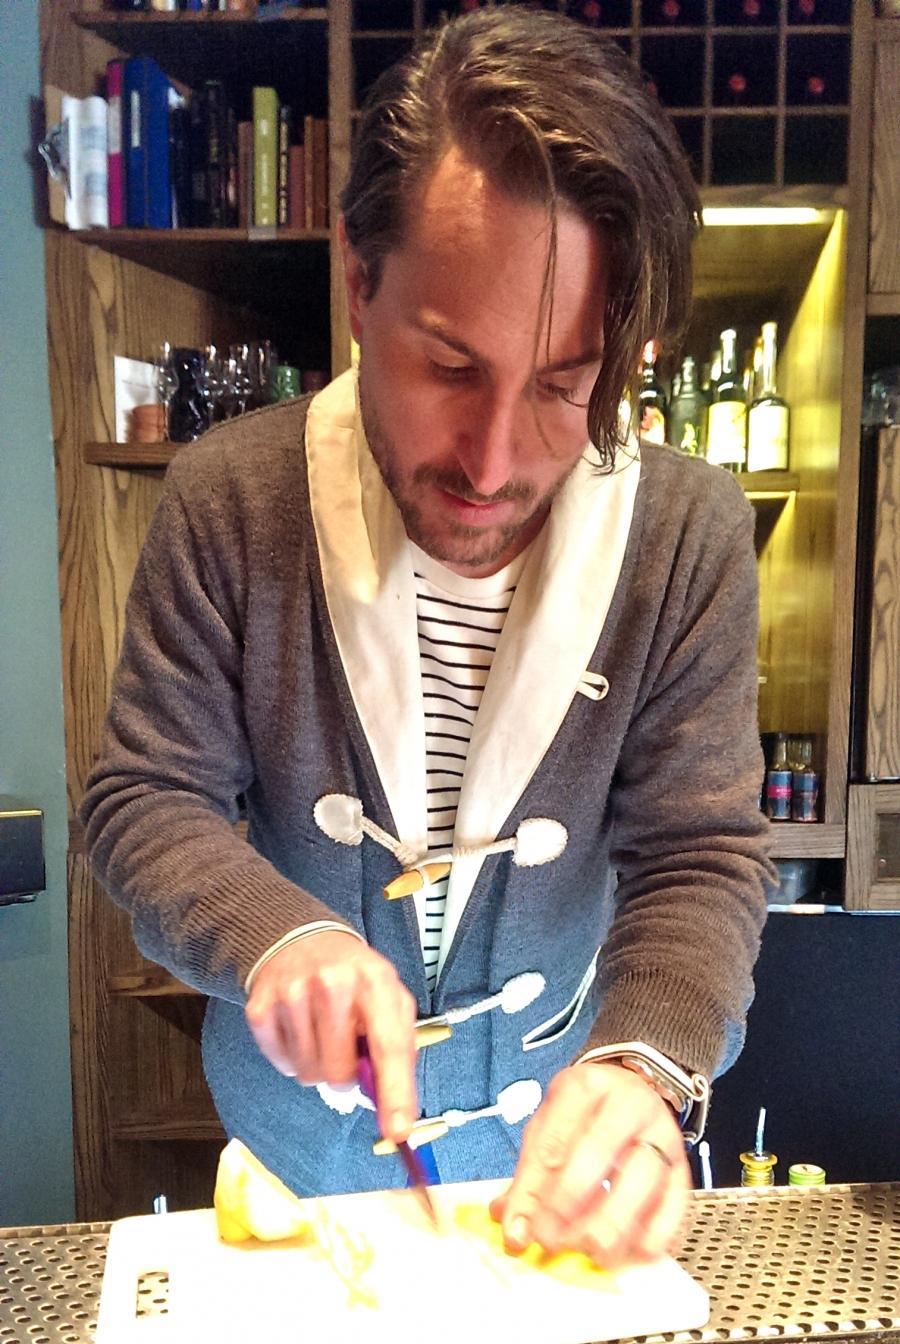 Joaquin Simo prepares cocktails